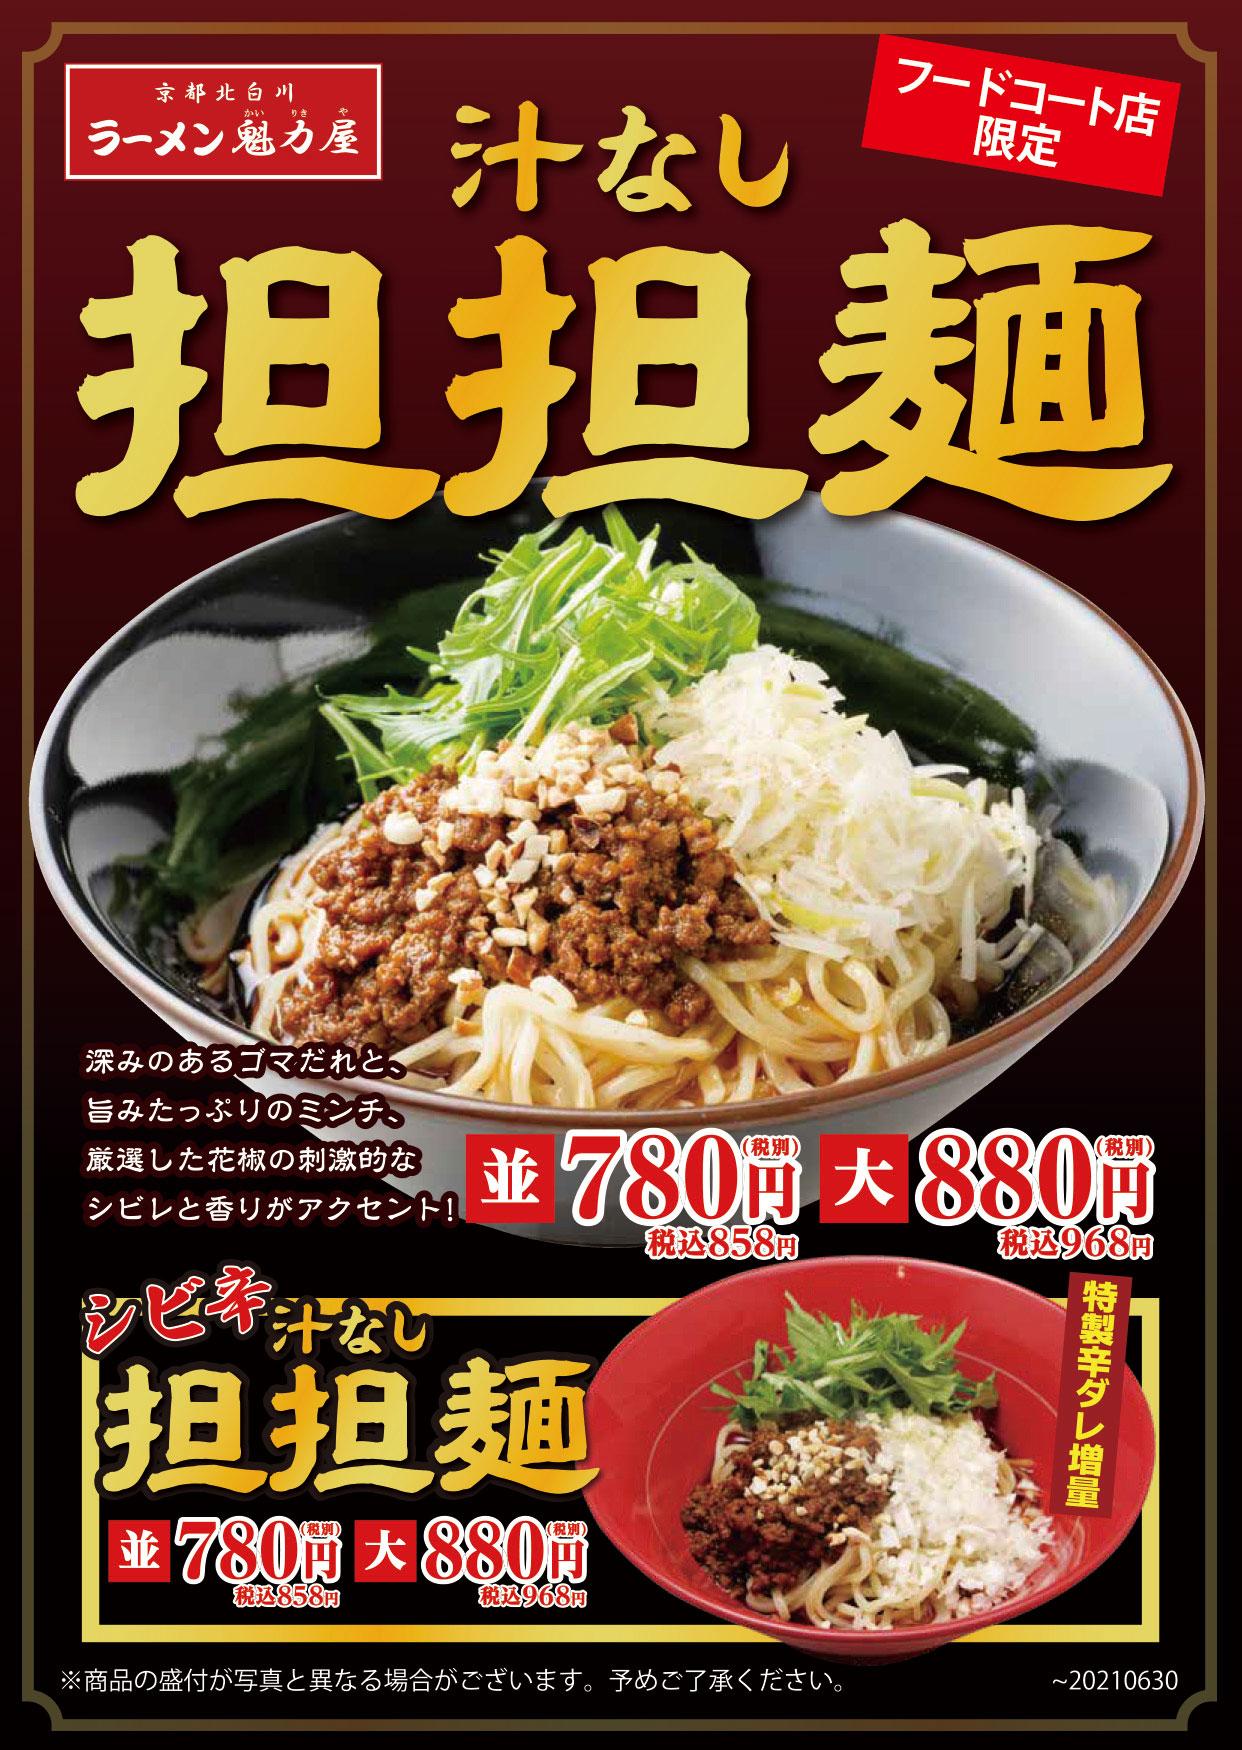 期間限定「シビ辛汁なし担担麺」が販売開始!!